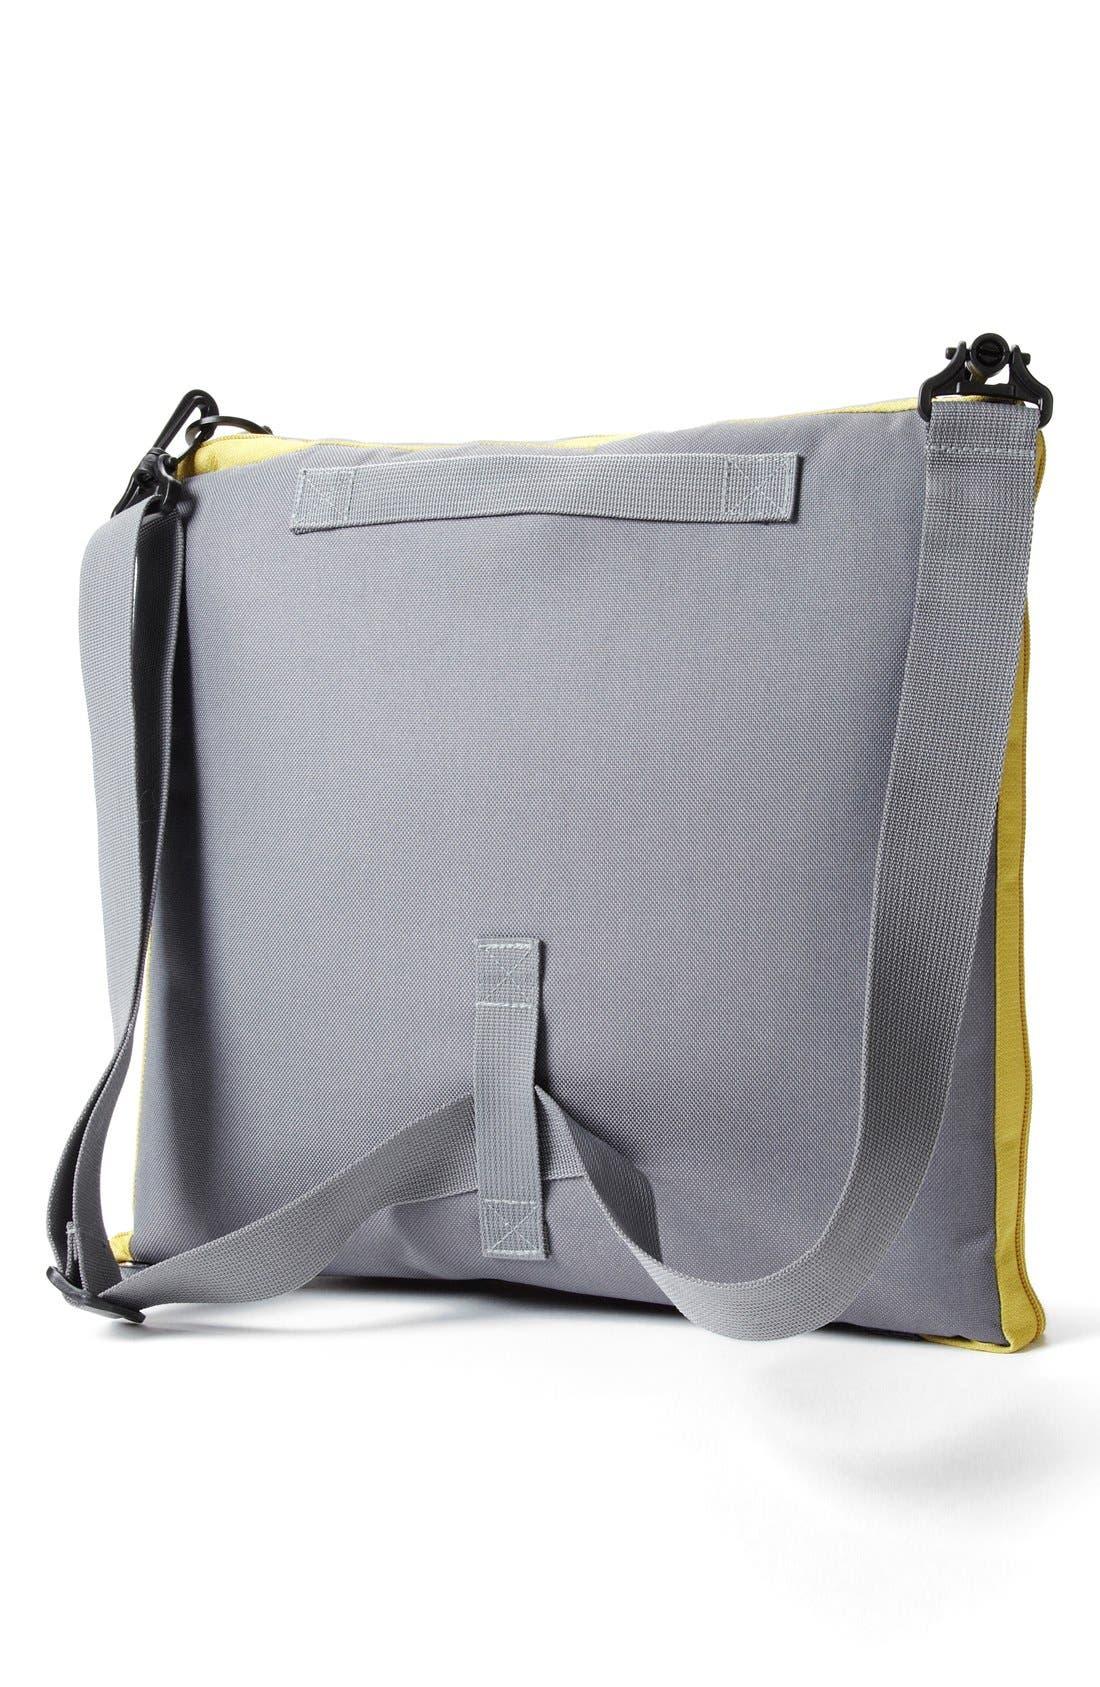 'Central Park' Outdoor Blanket & Cooler Bag,                             Alternate thumbnail 3, color,                             020